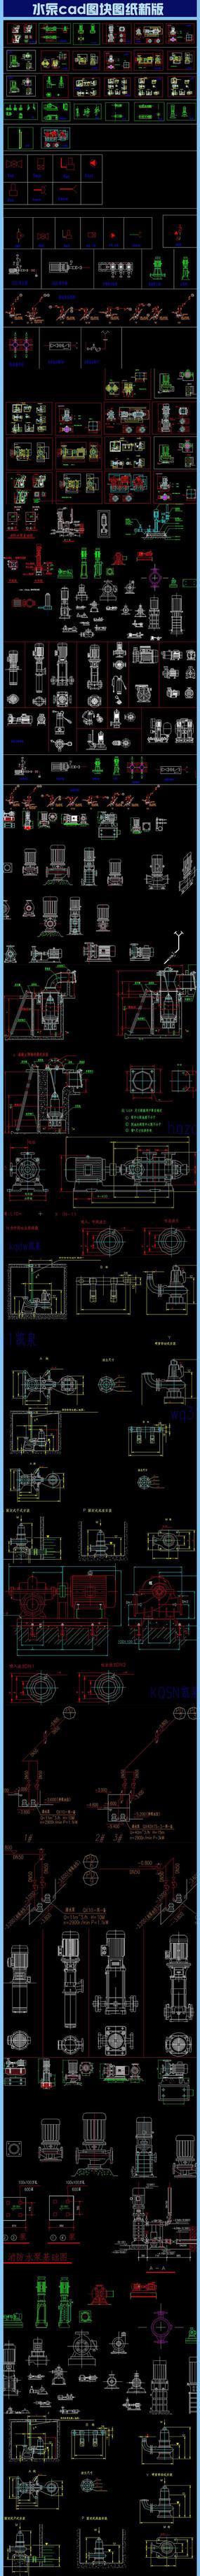 水泵cad图块图纸水利机电 dwg